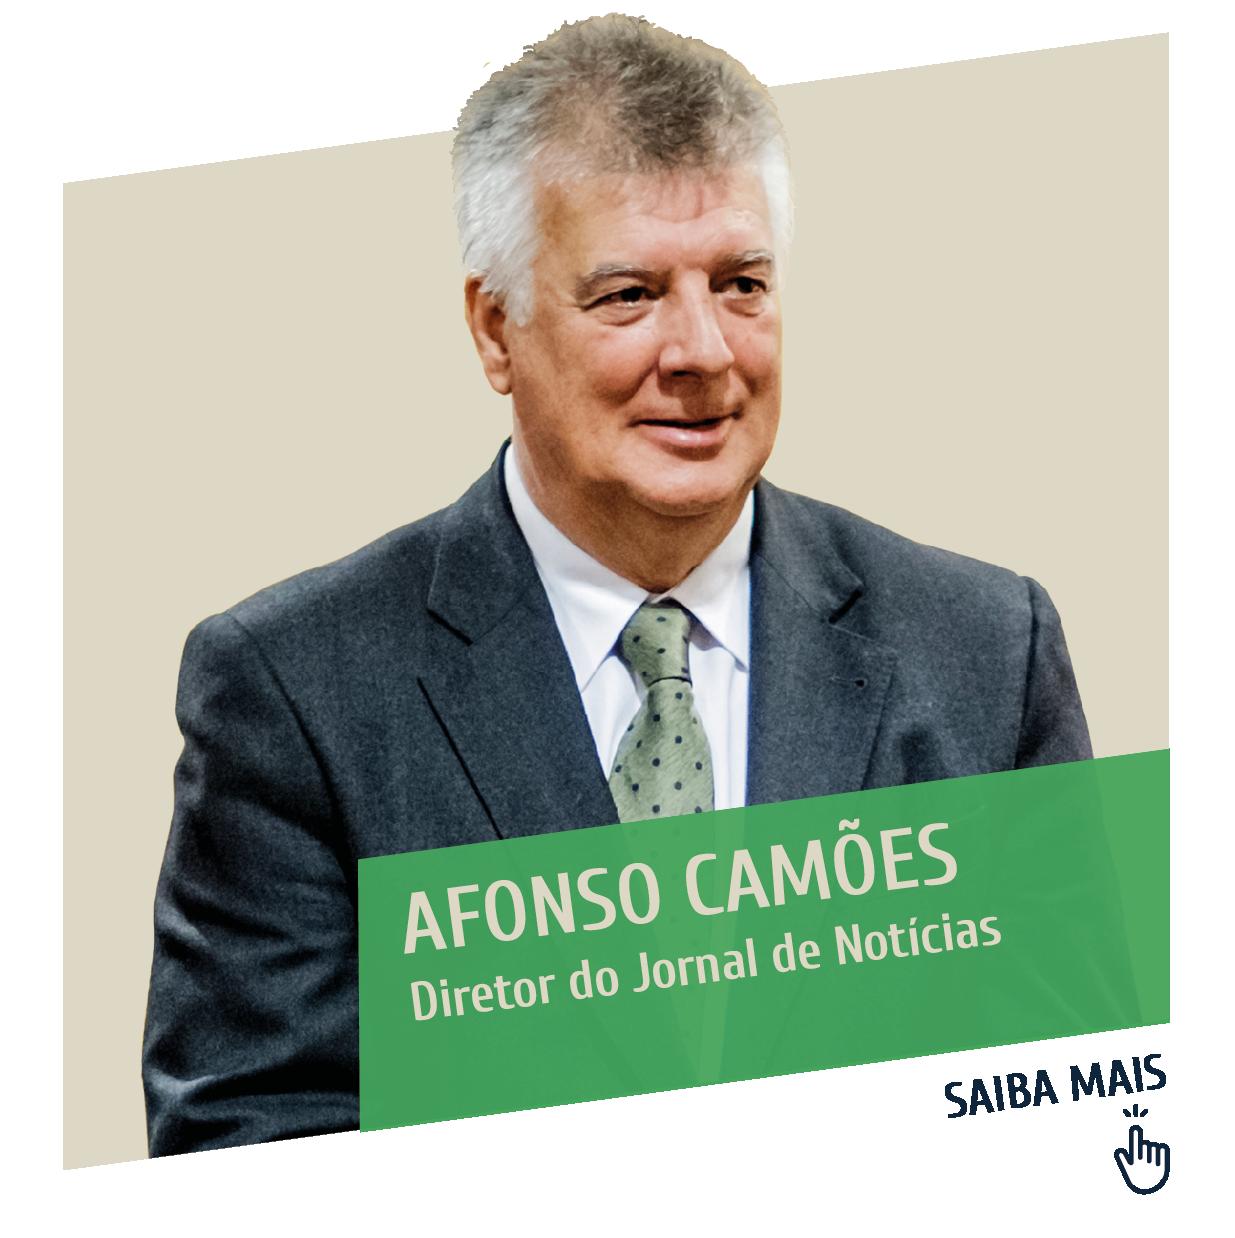 Afonso Camões